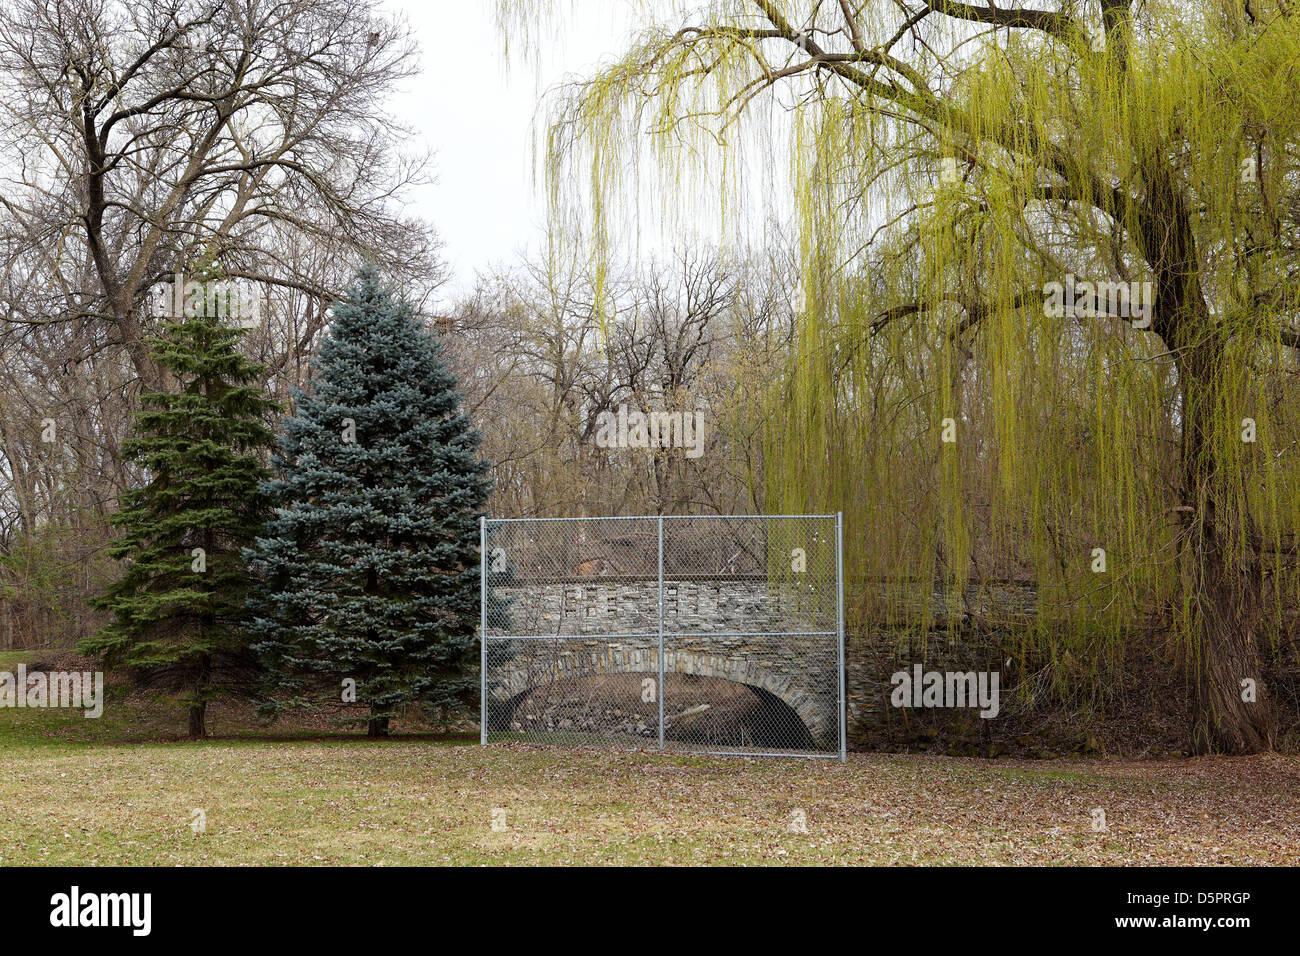 Chain Link Fence Imágenes De Stock & Chain Link Fence Fotos De Stock ...